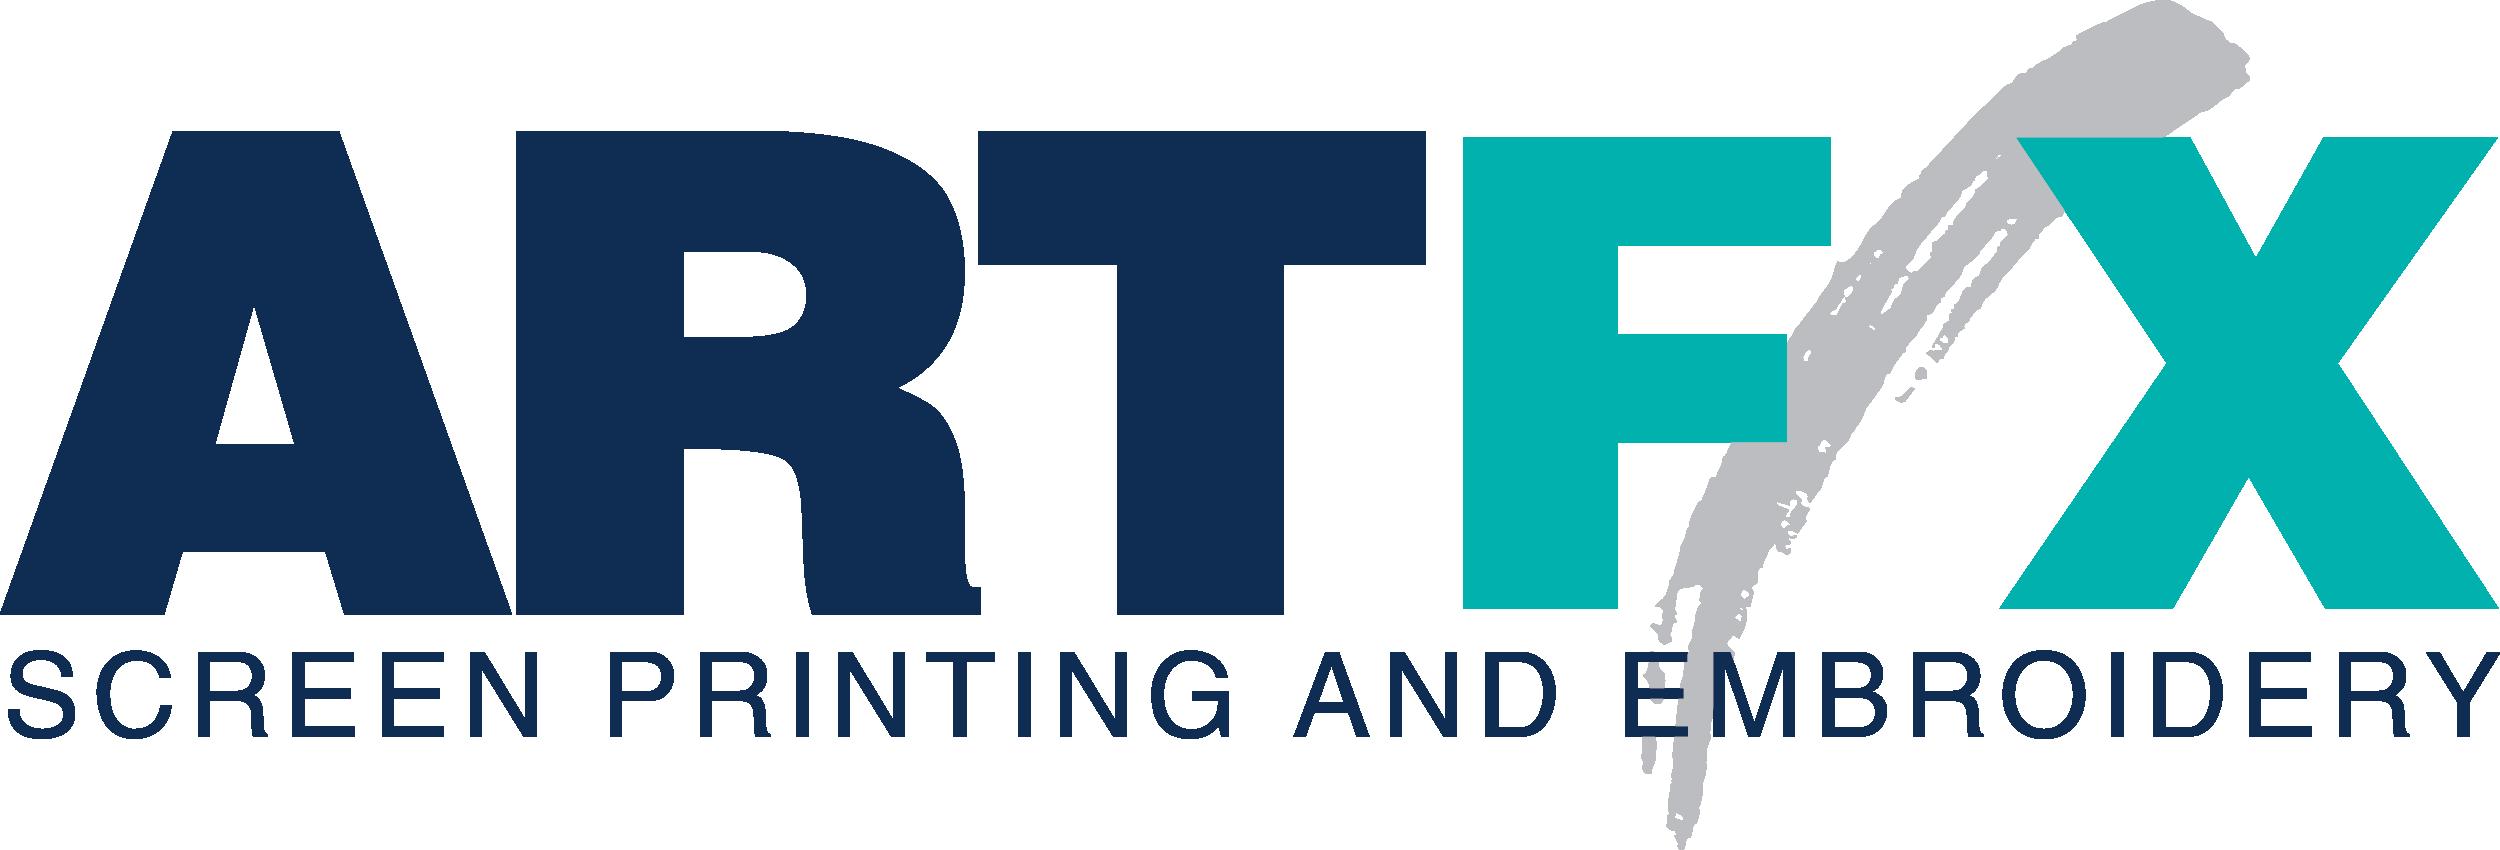 artfx logo